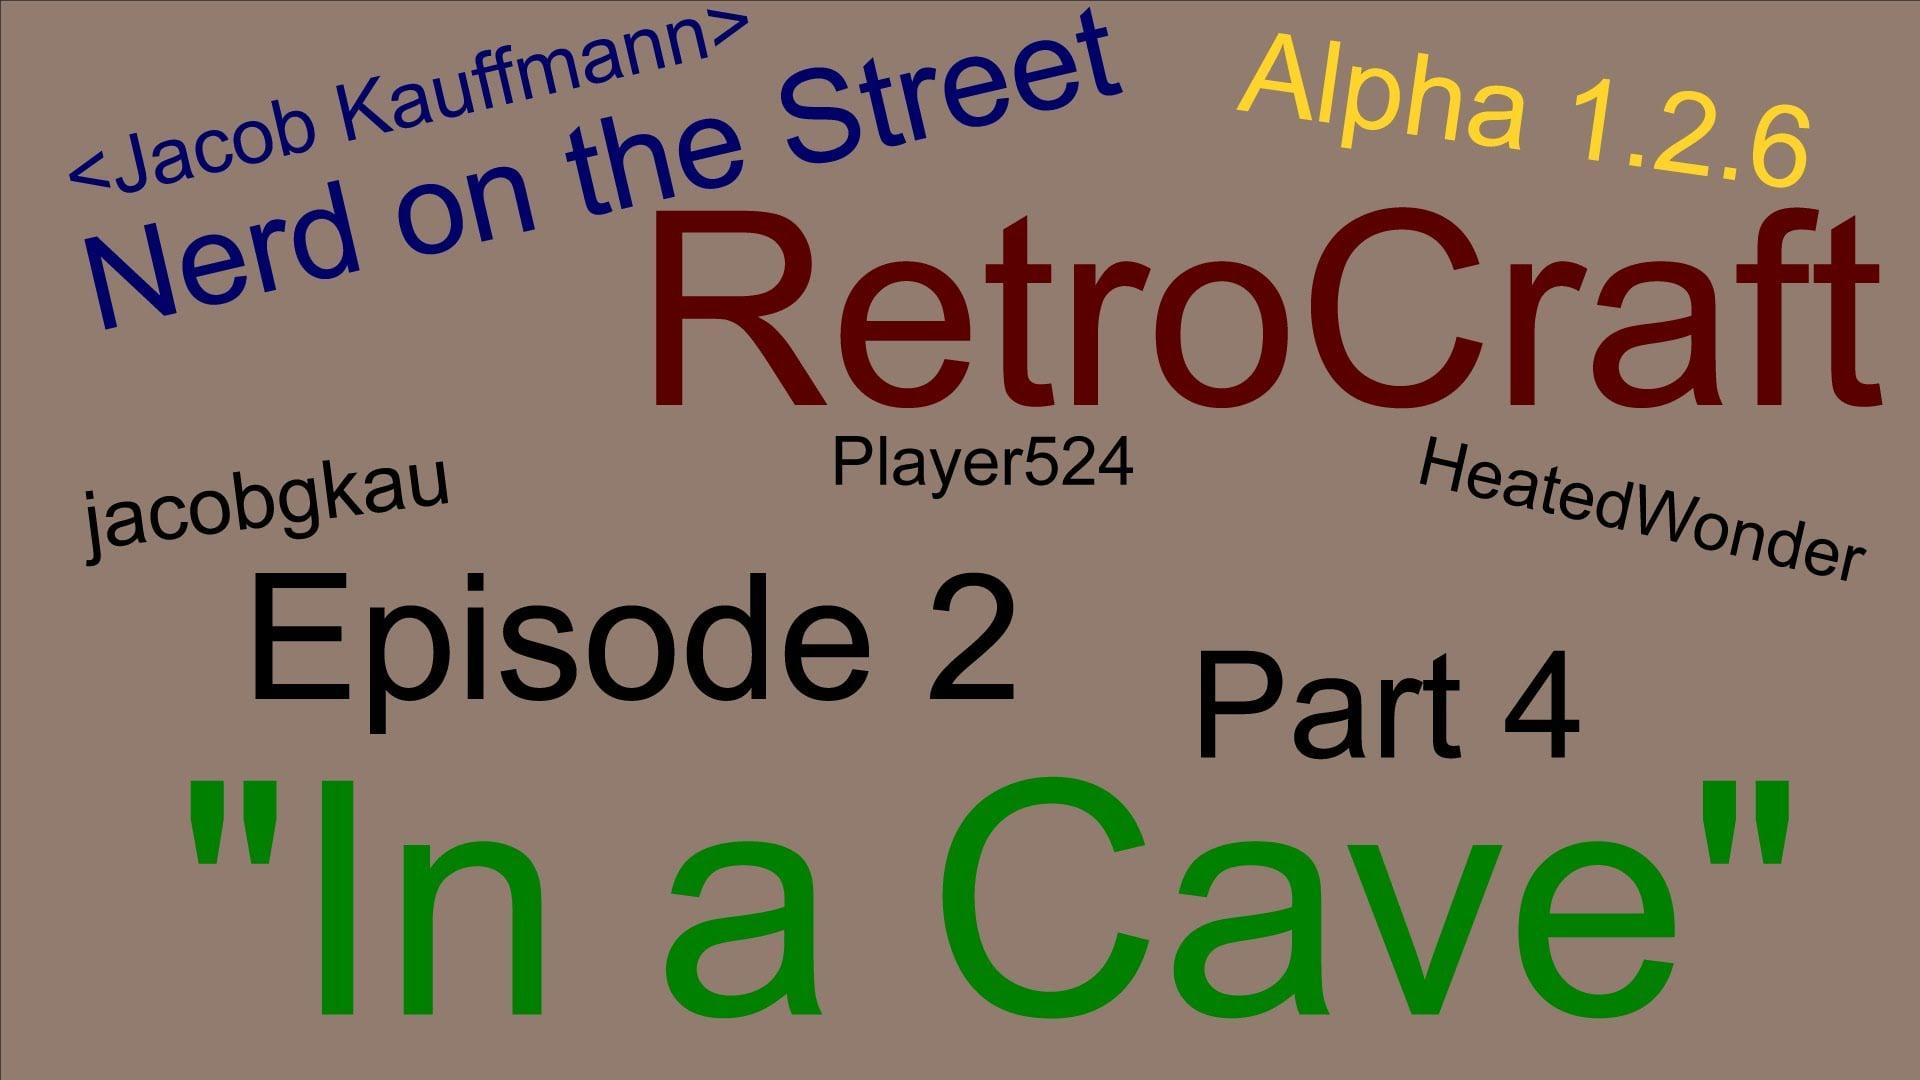 In a Cave - Part 4 - RetroCraft